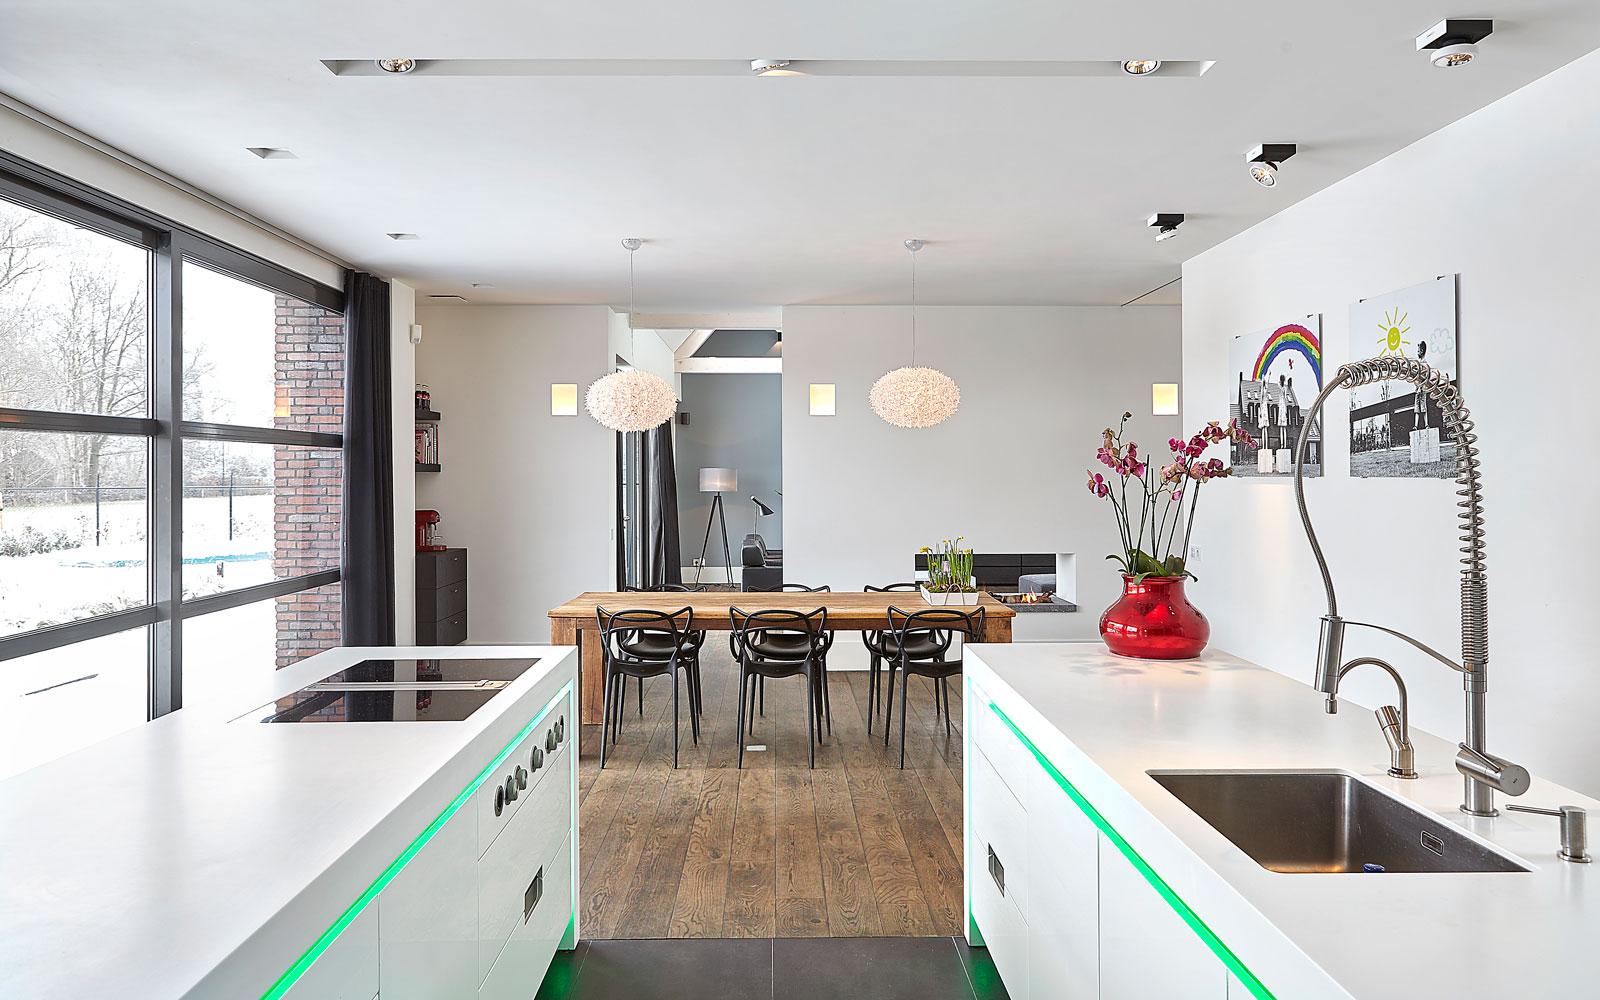 Keuken, ledverlichting, Culimaat, maatwerk, high end kitchen, droomvilla, Marco Daverveld